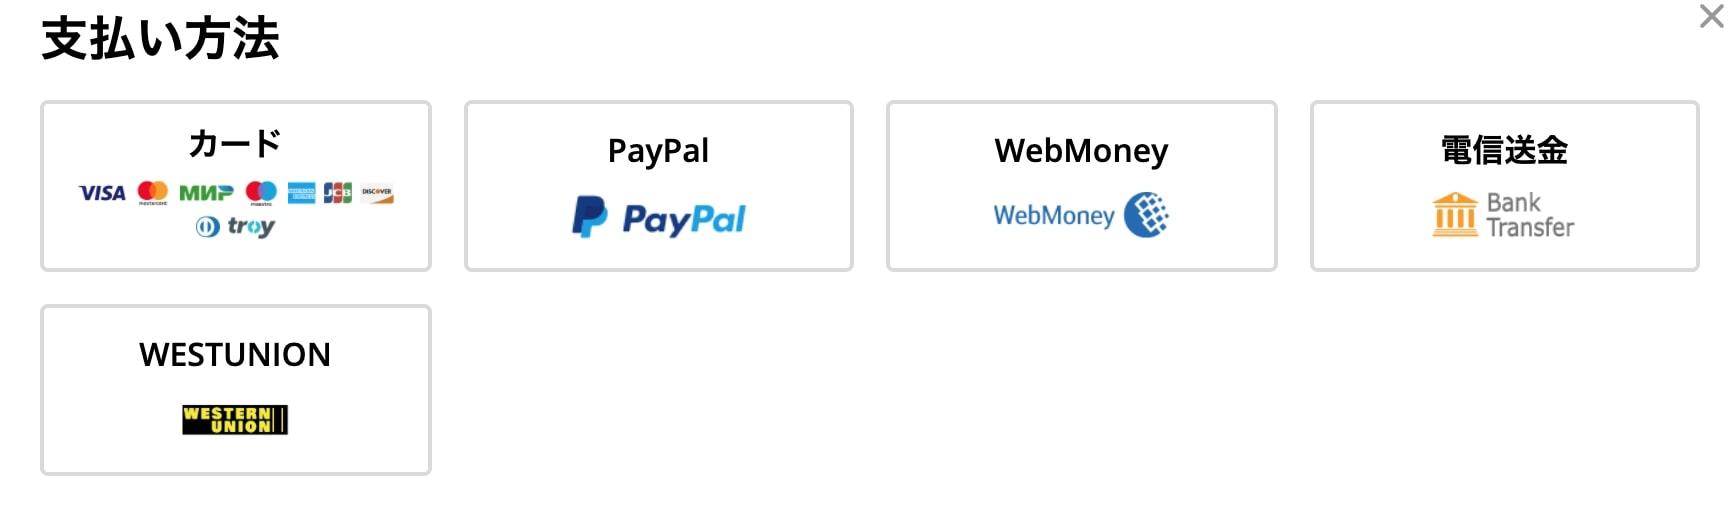 AliExpressの支払い方法 各種クレジットカード PayPal(ペイパル) WebMoney 電信送金 WESTUNION